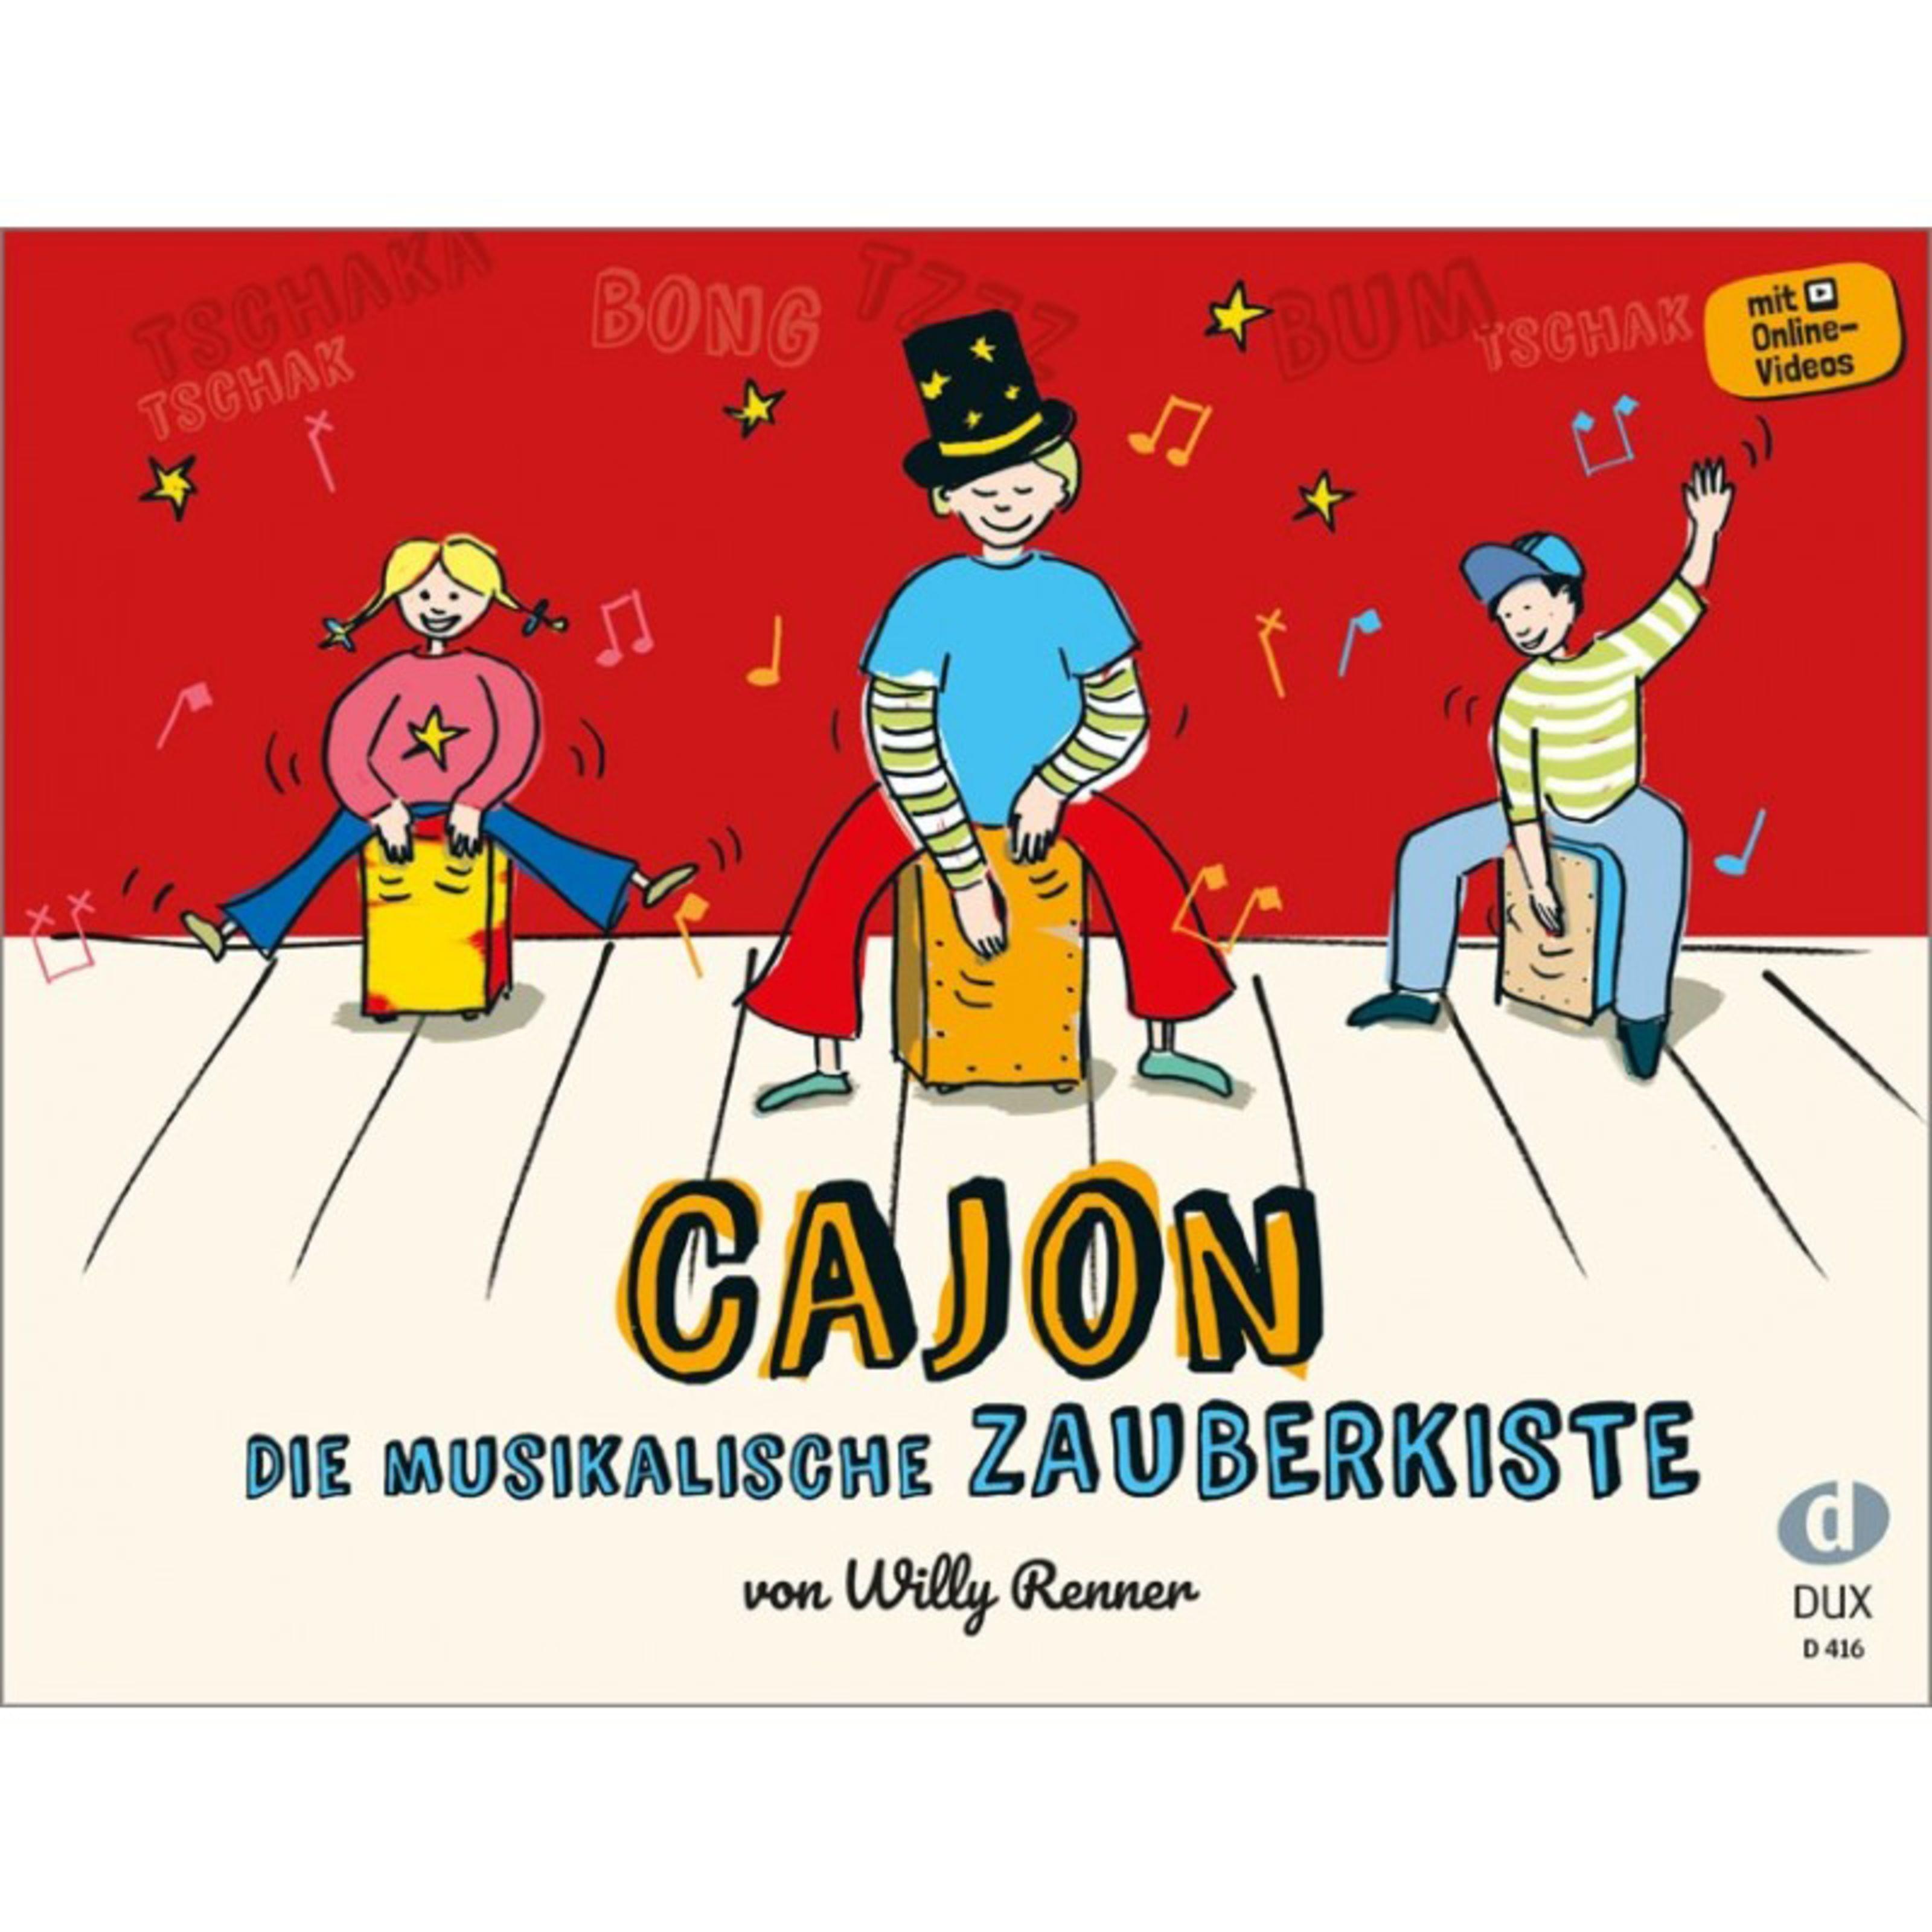 Edition Dux - Cajon - Die musikalische Zauberkiste D 416